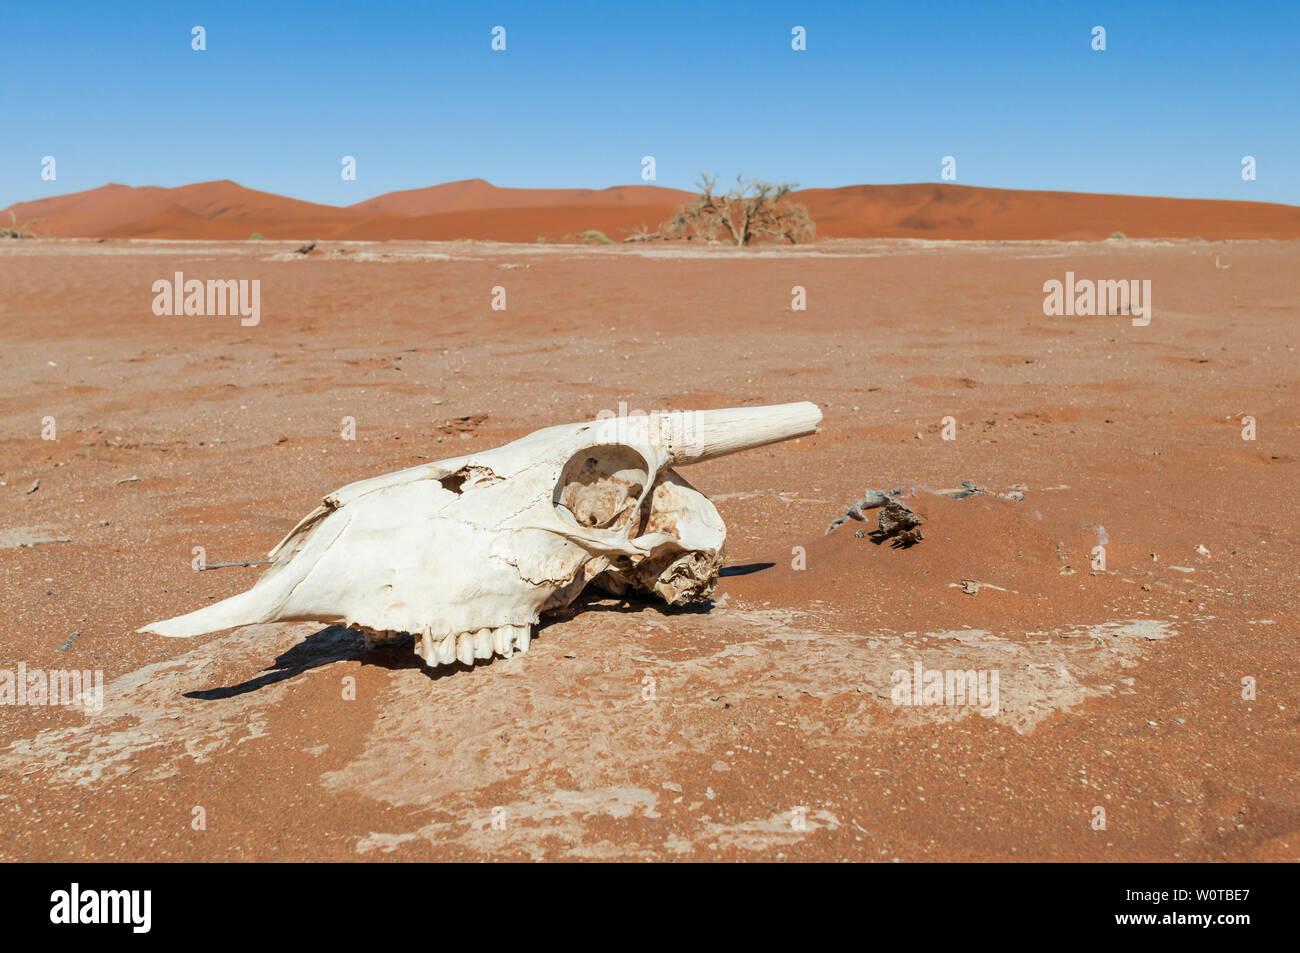 Tierschaedel von einer Antilope in der Namib Wueste, Duenen bis zum Horizont, Namibia, Afrika. - Stock Image